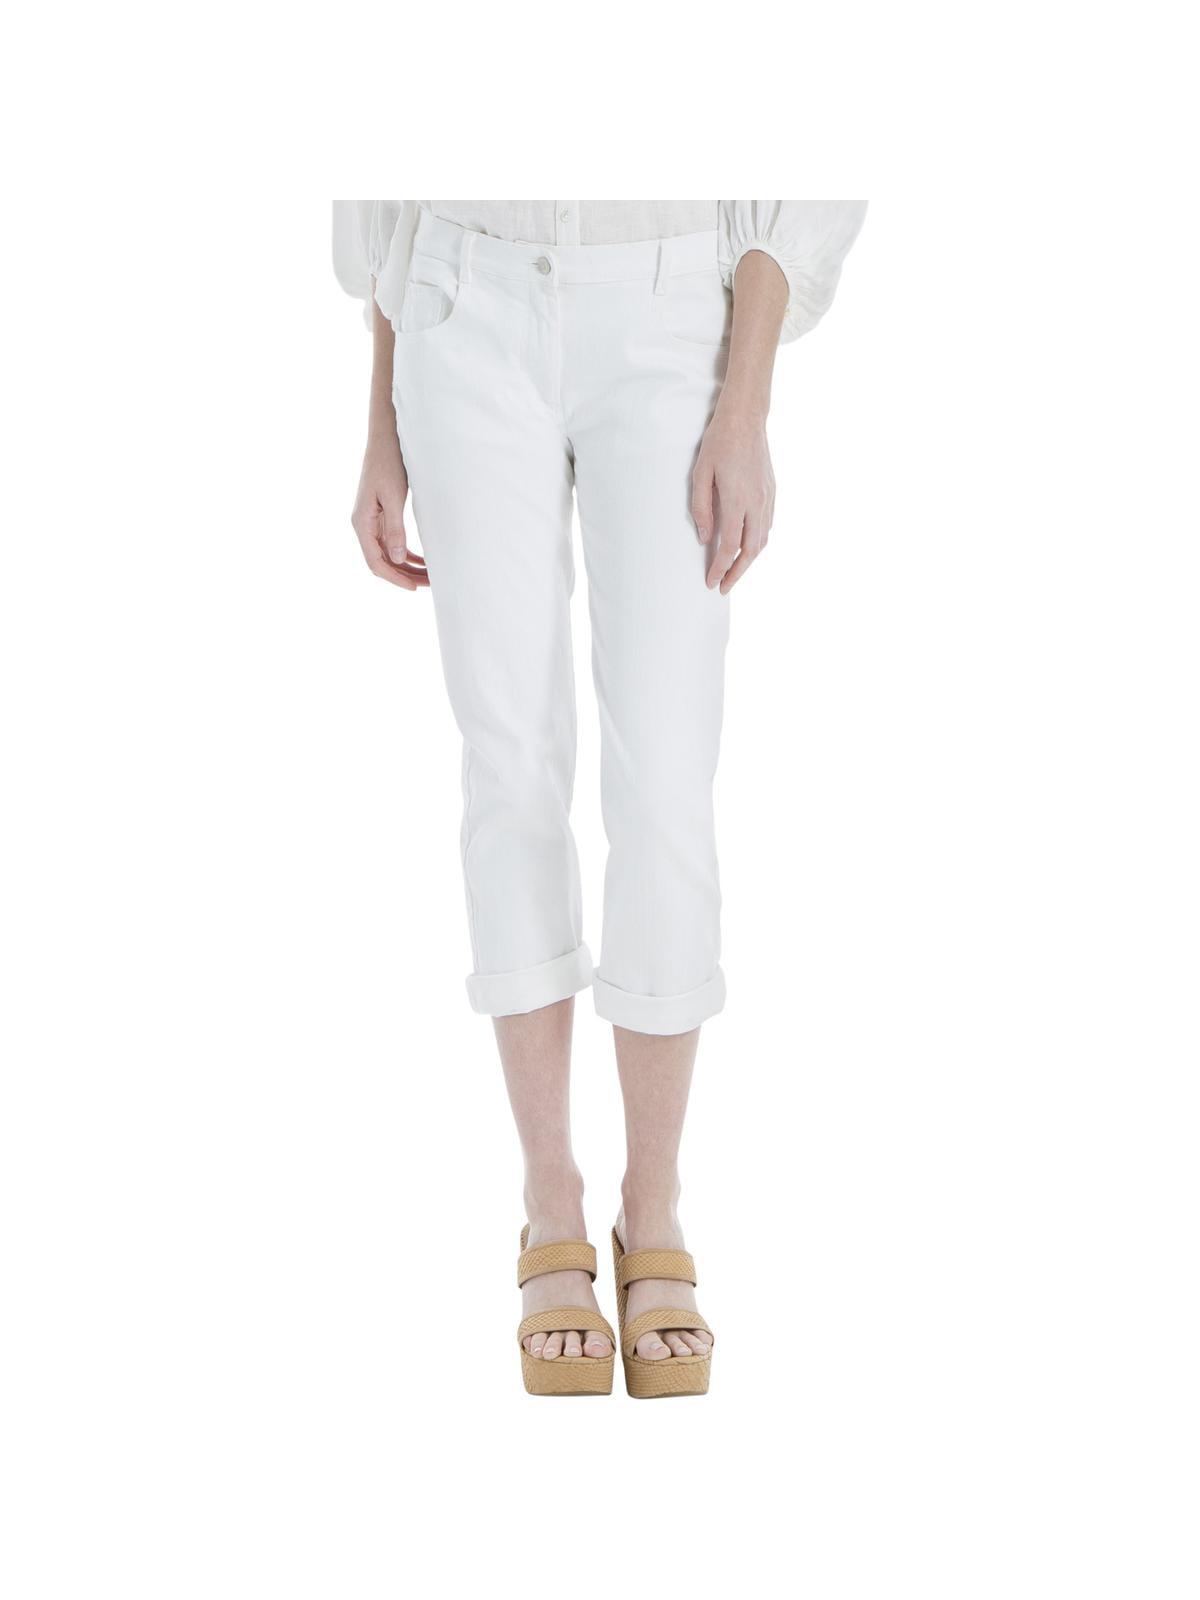 Max Studio Womens Twill Mid-Rise Skinny Jeans